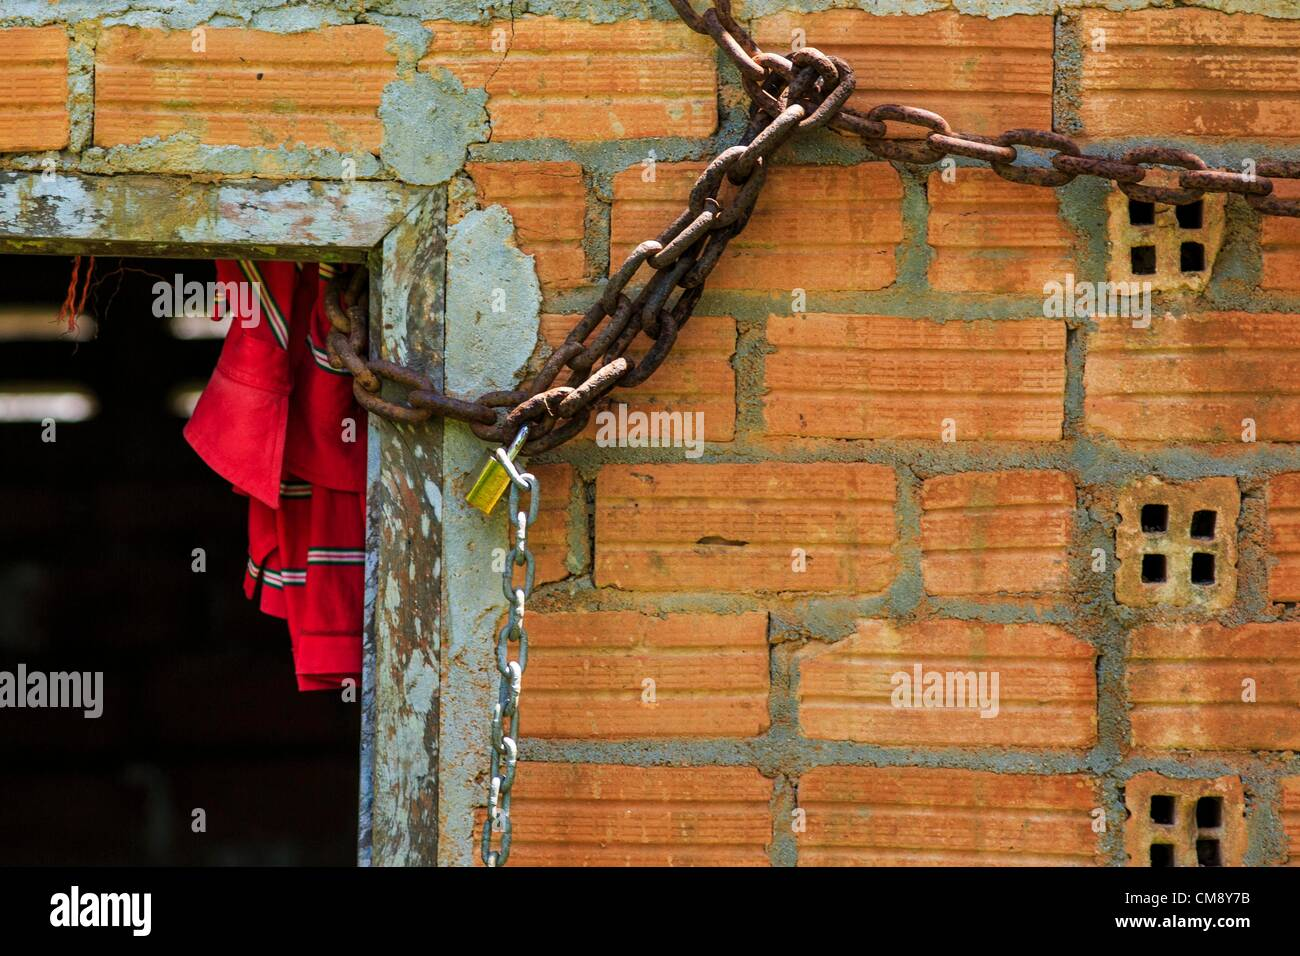 Ottobre 29, 2012 - Mayo, Pattani, Tailandia - un paziente a catene il Bukit Kong home in Mayo. La casa ha aperto Immagini Stock